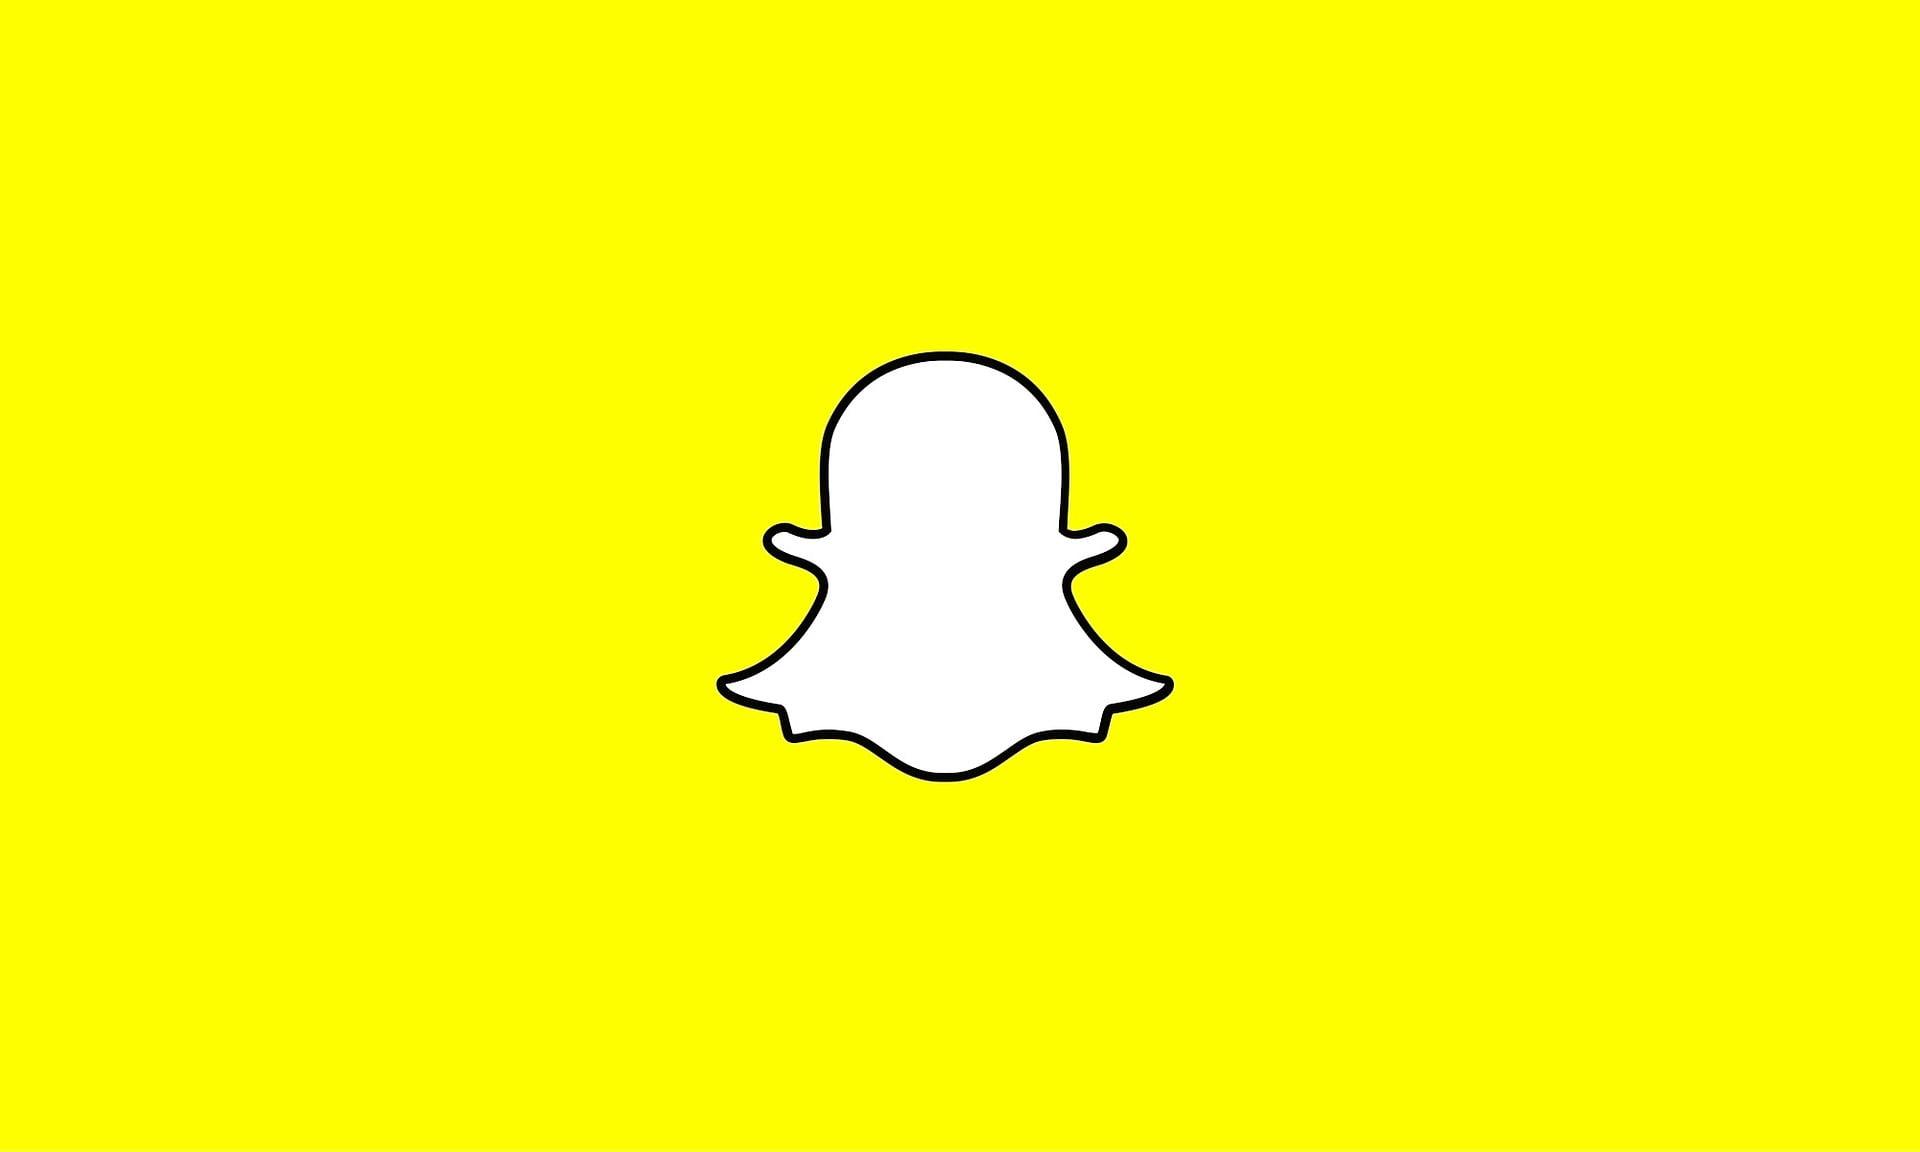 البيع عبر سناب شات والتسويق من خلال snapchat للمنتجات - تجارتنا